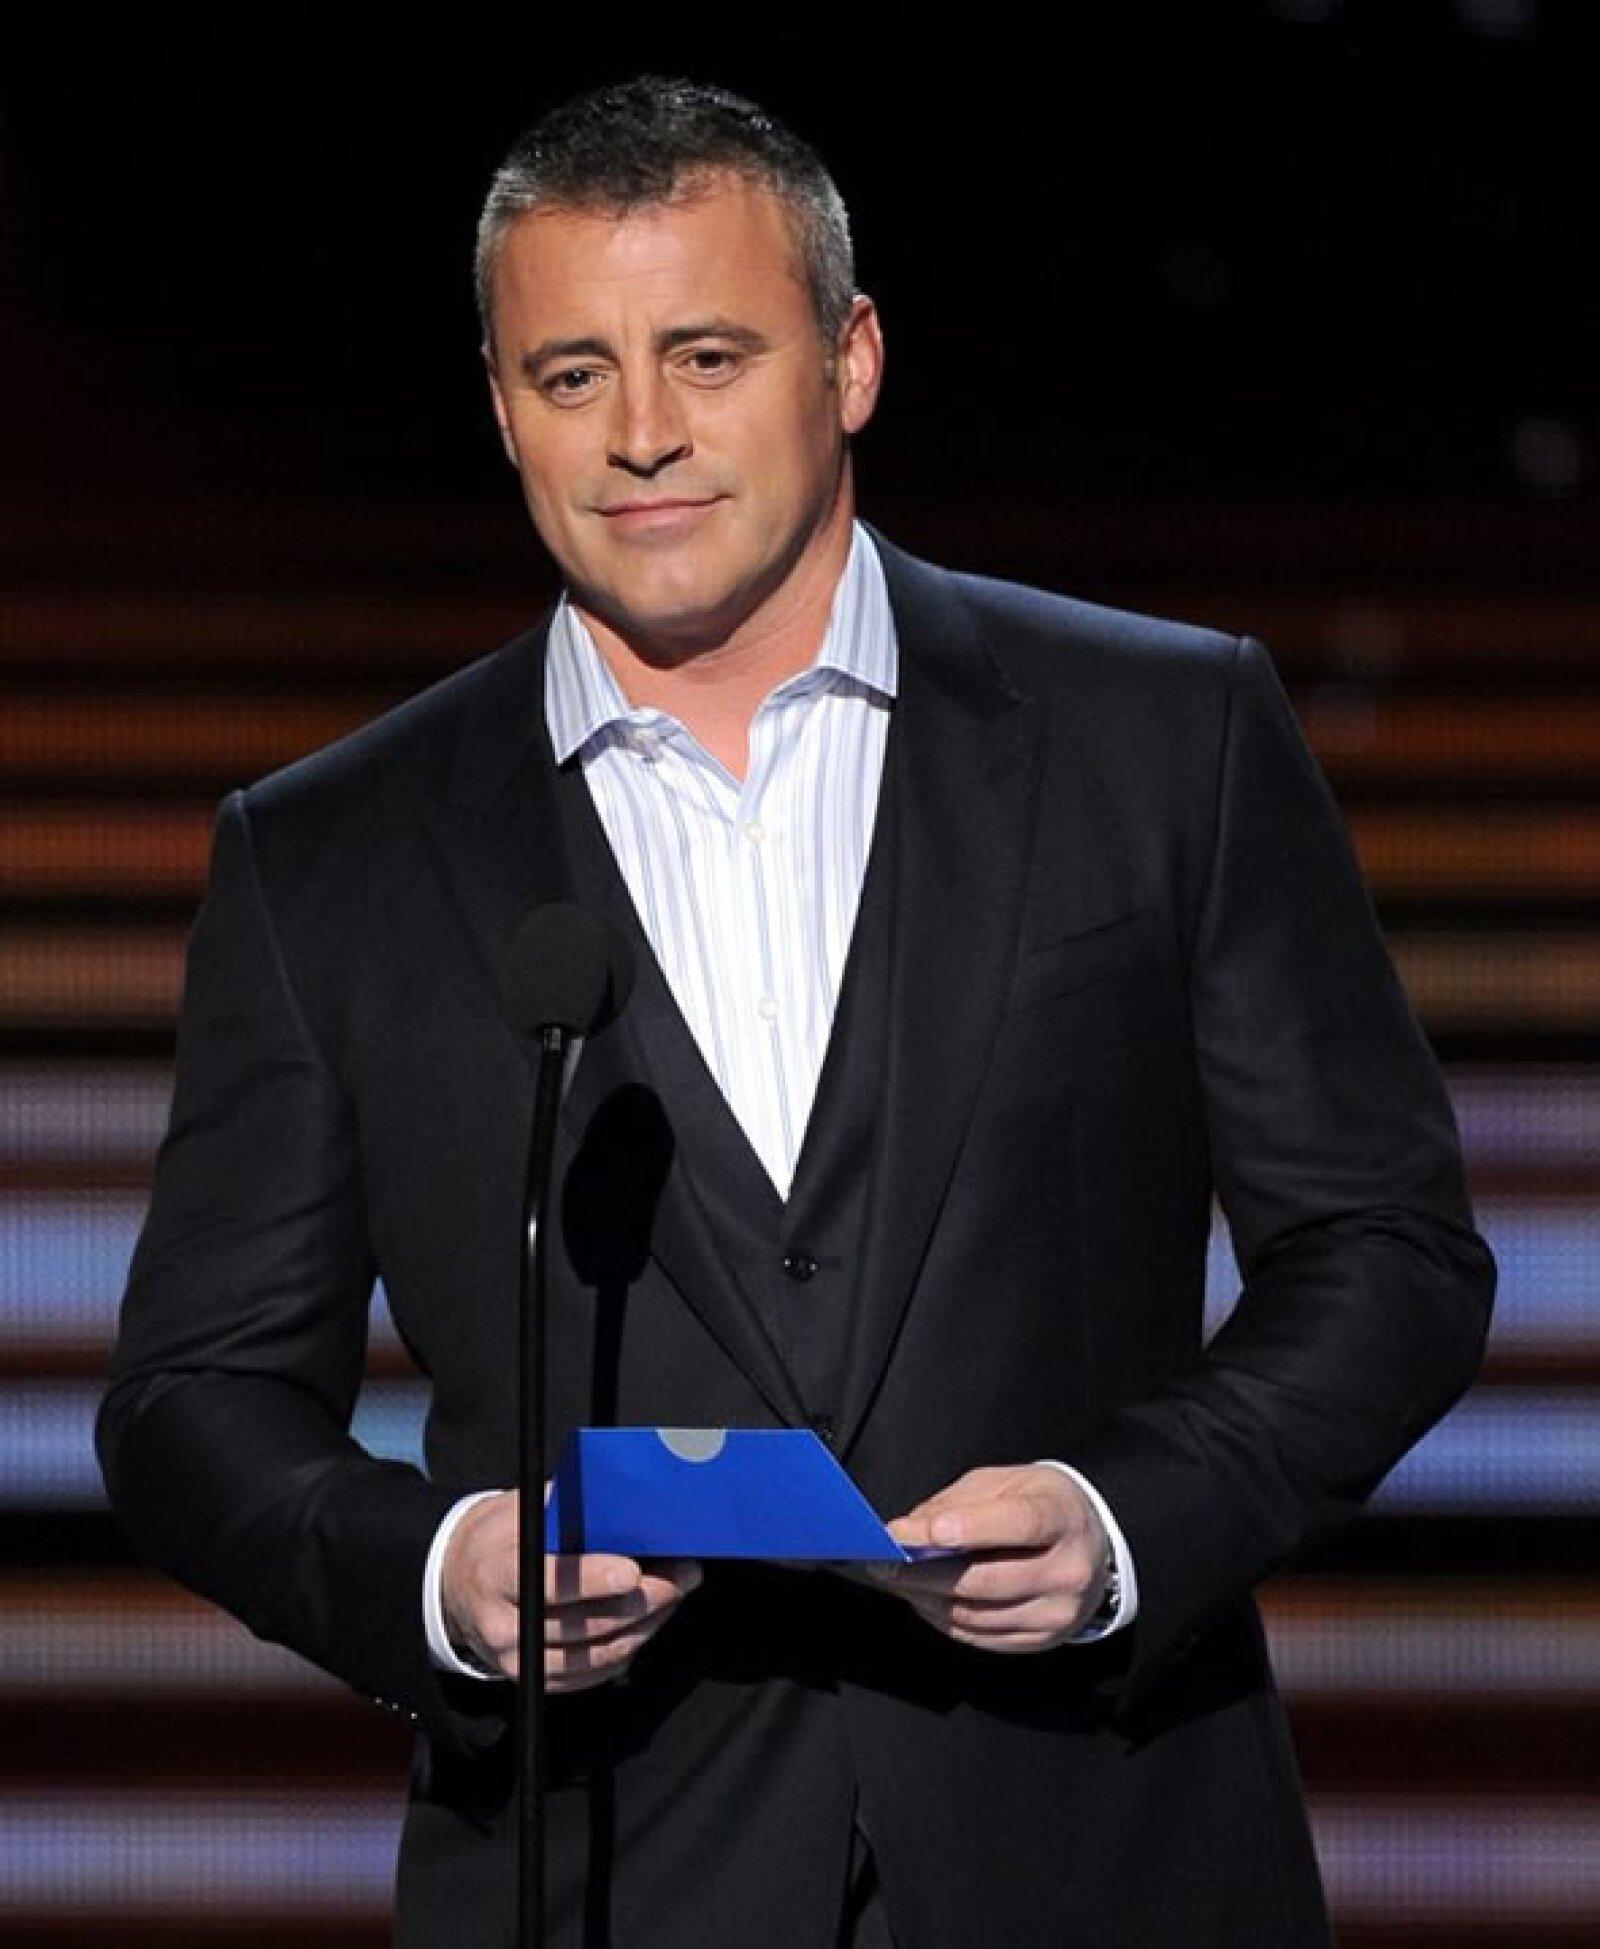 Matt LeBlanc ya debe estar acostumbrado a no ganar. Cuando estaba en Friends lo nominaron tres veces sin victoria y ahora en Episodes la trilogía continúa.